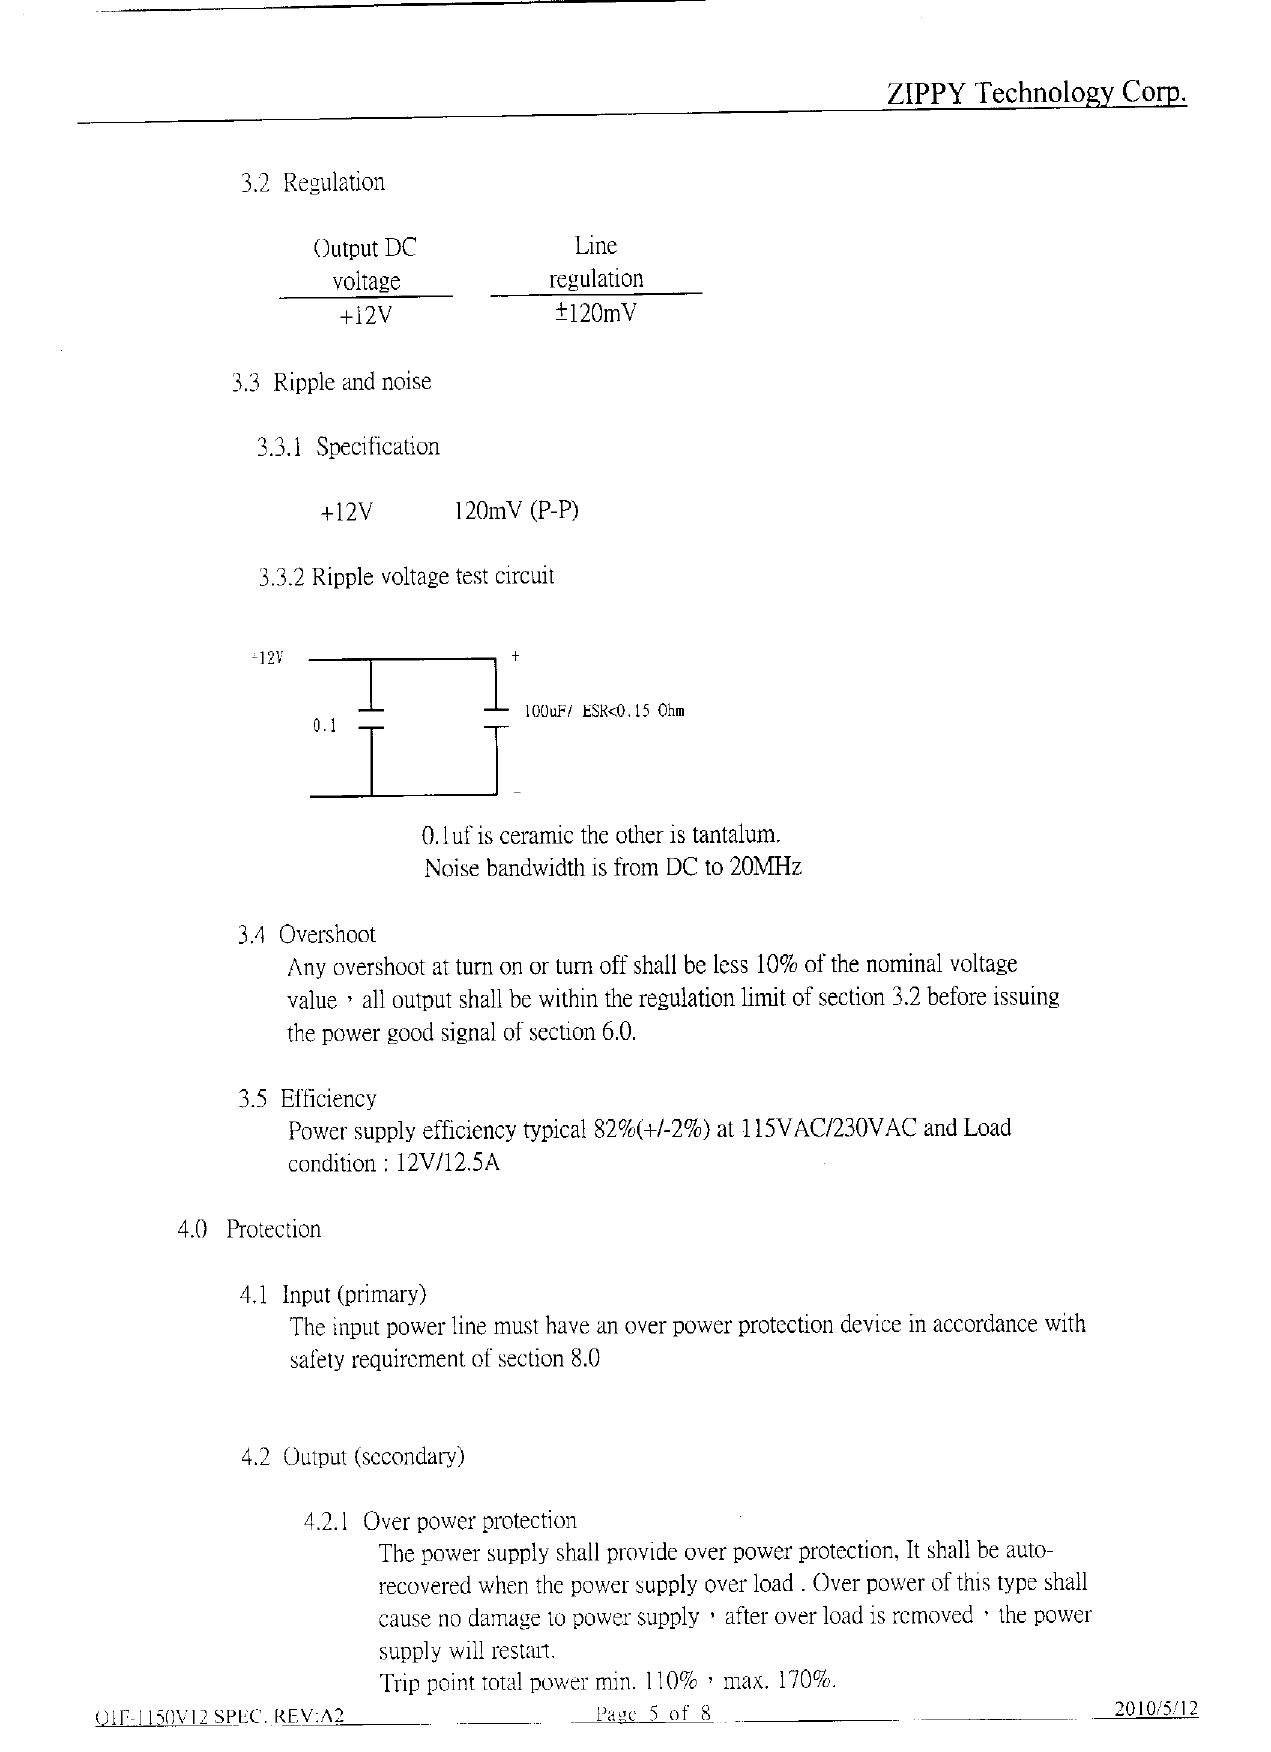 Q1F-1150V12 pdf, arduino